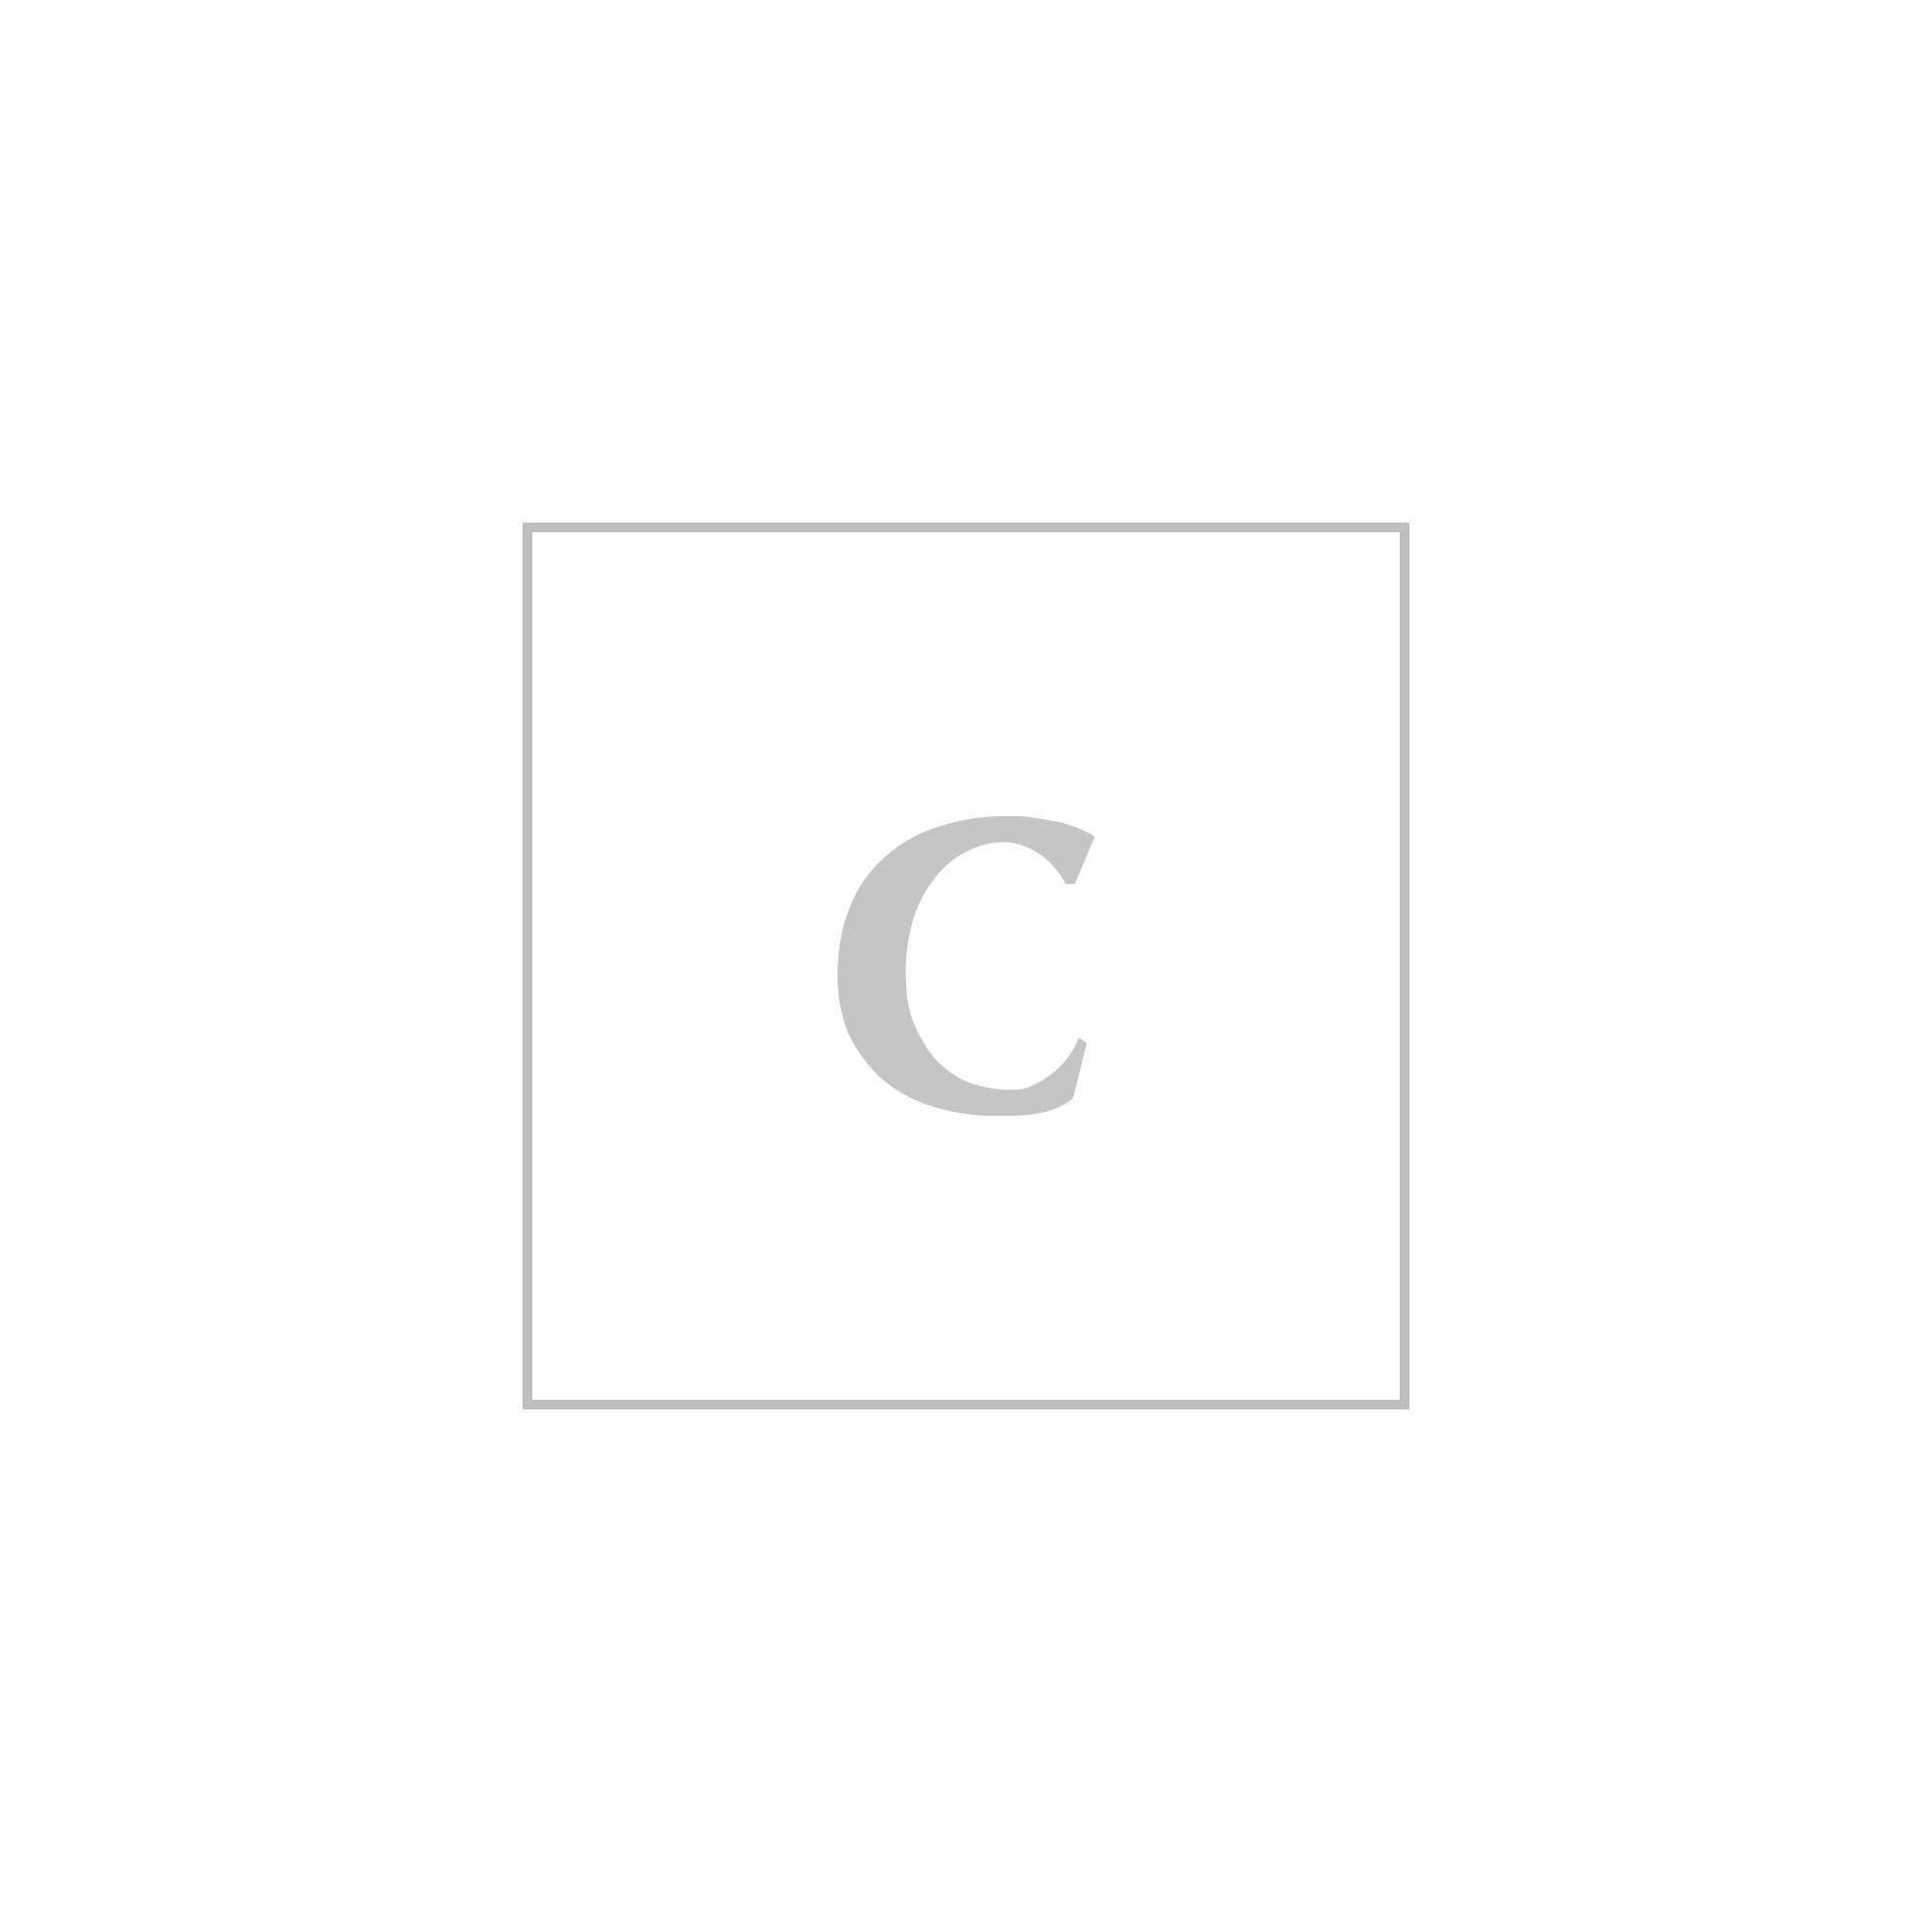 Christian Dior borsa dior soft sm cannage lambskin